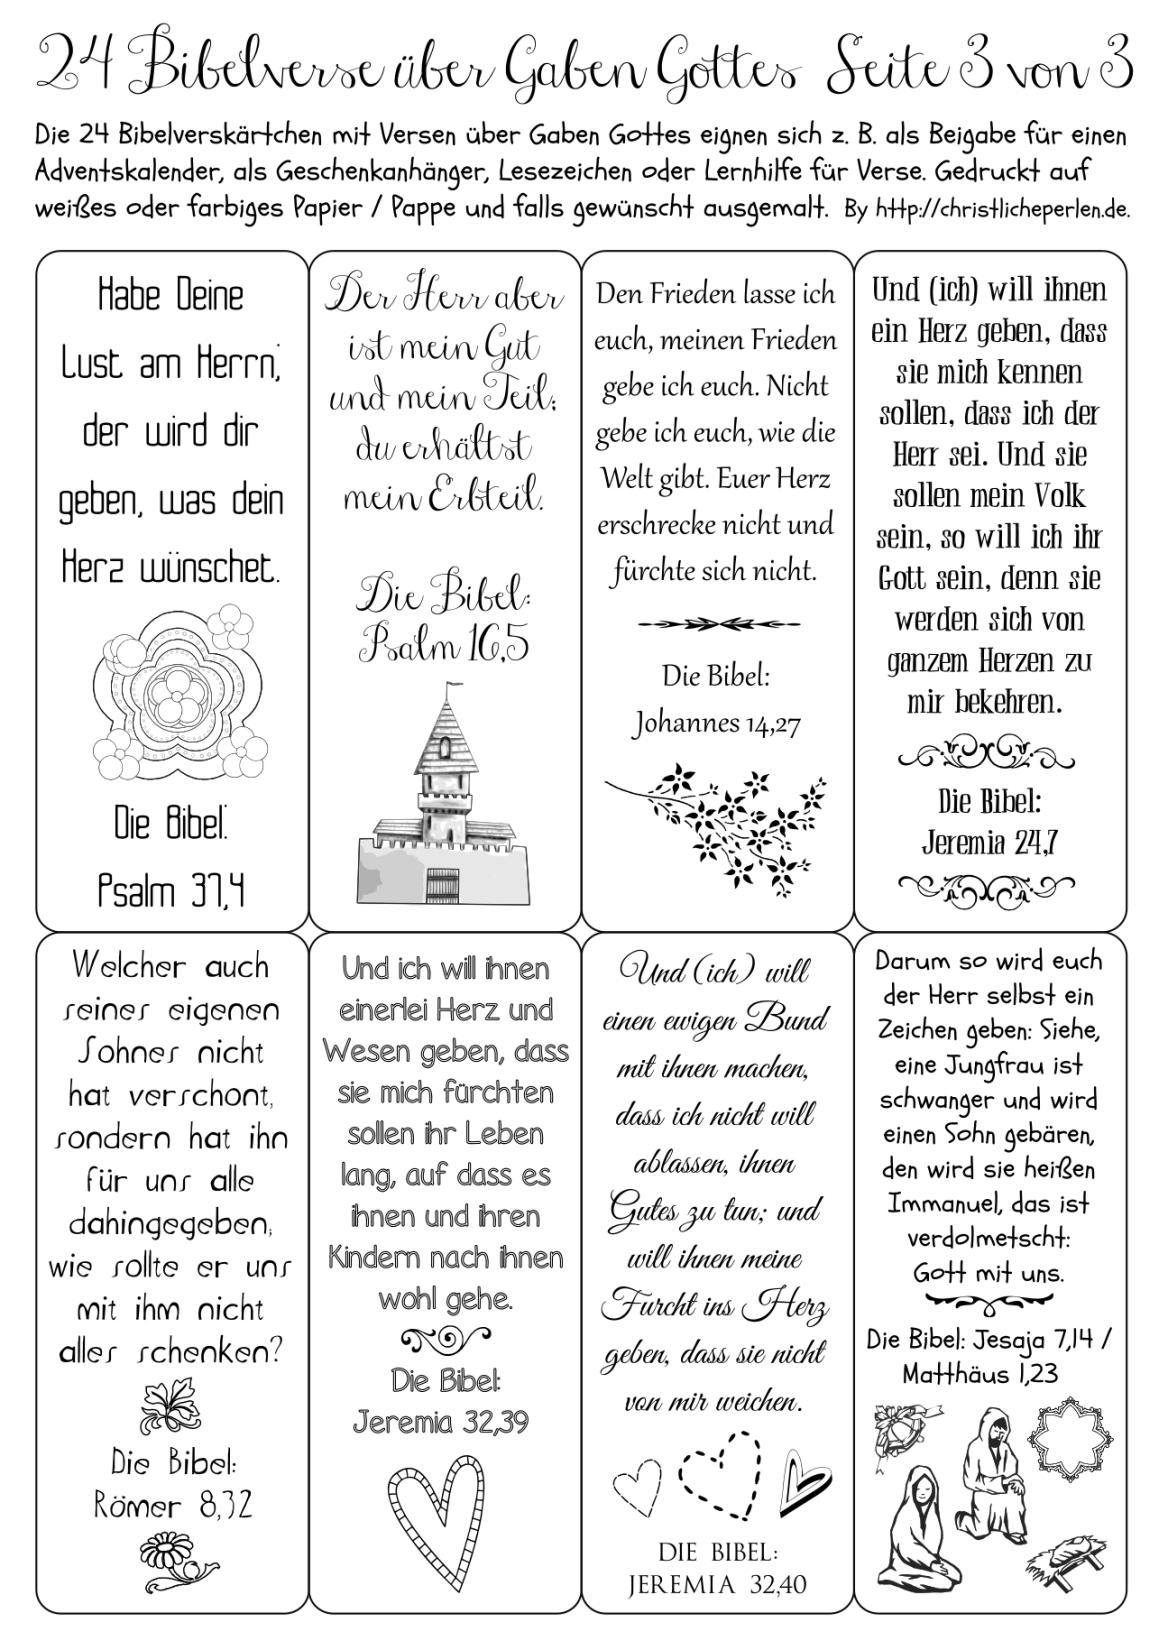 Adventskalender | Christliche Perlen | Adventkalender über Adventskalender Geschichten Zum Ausdrucken